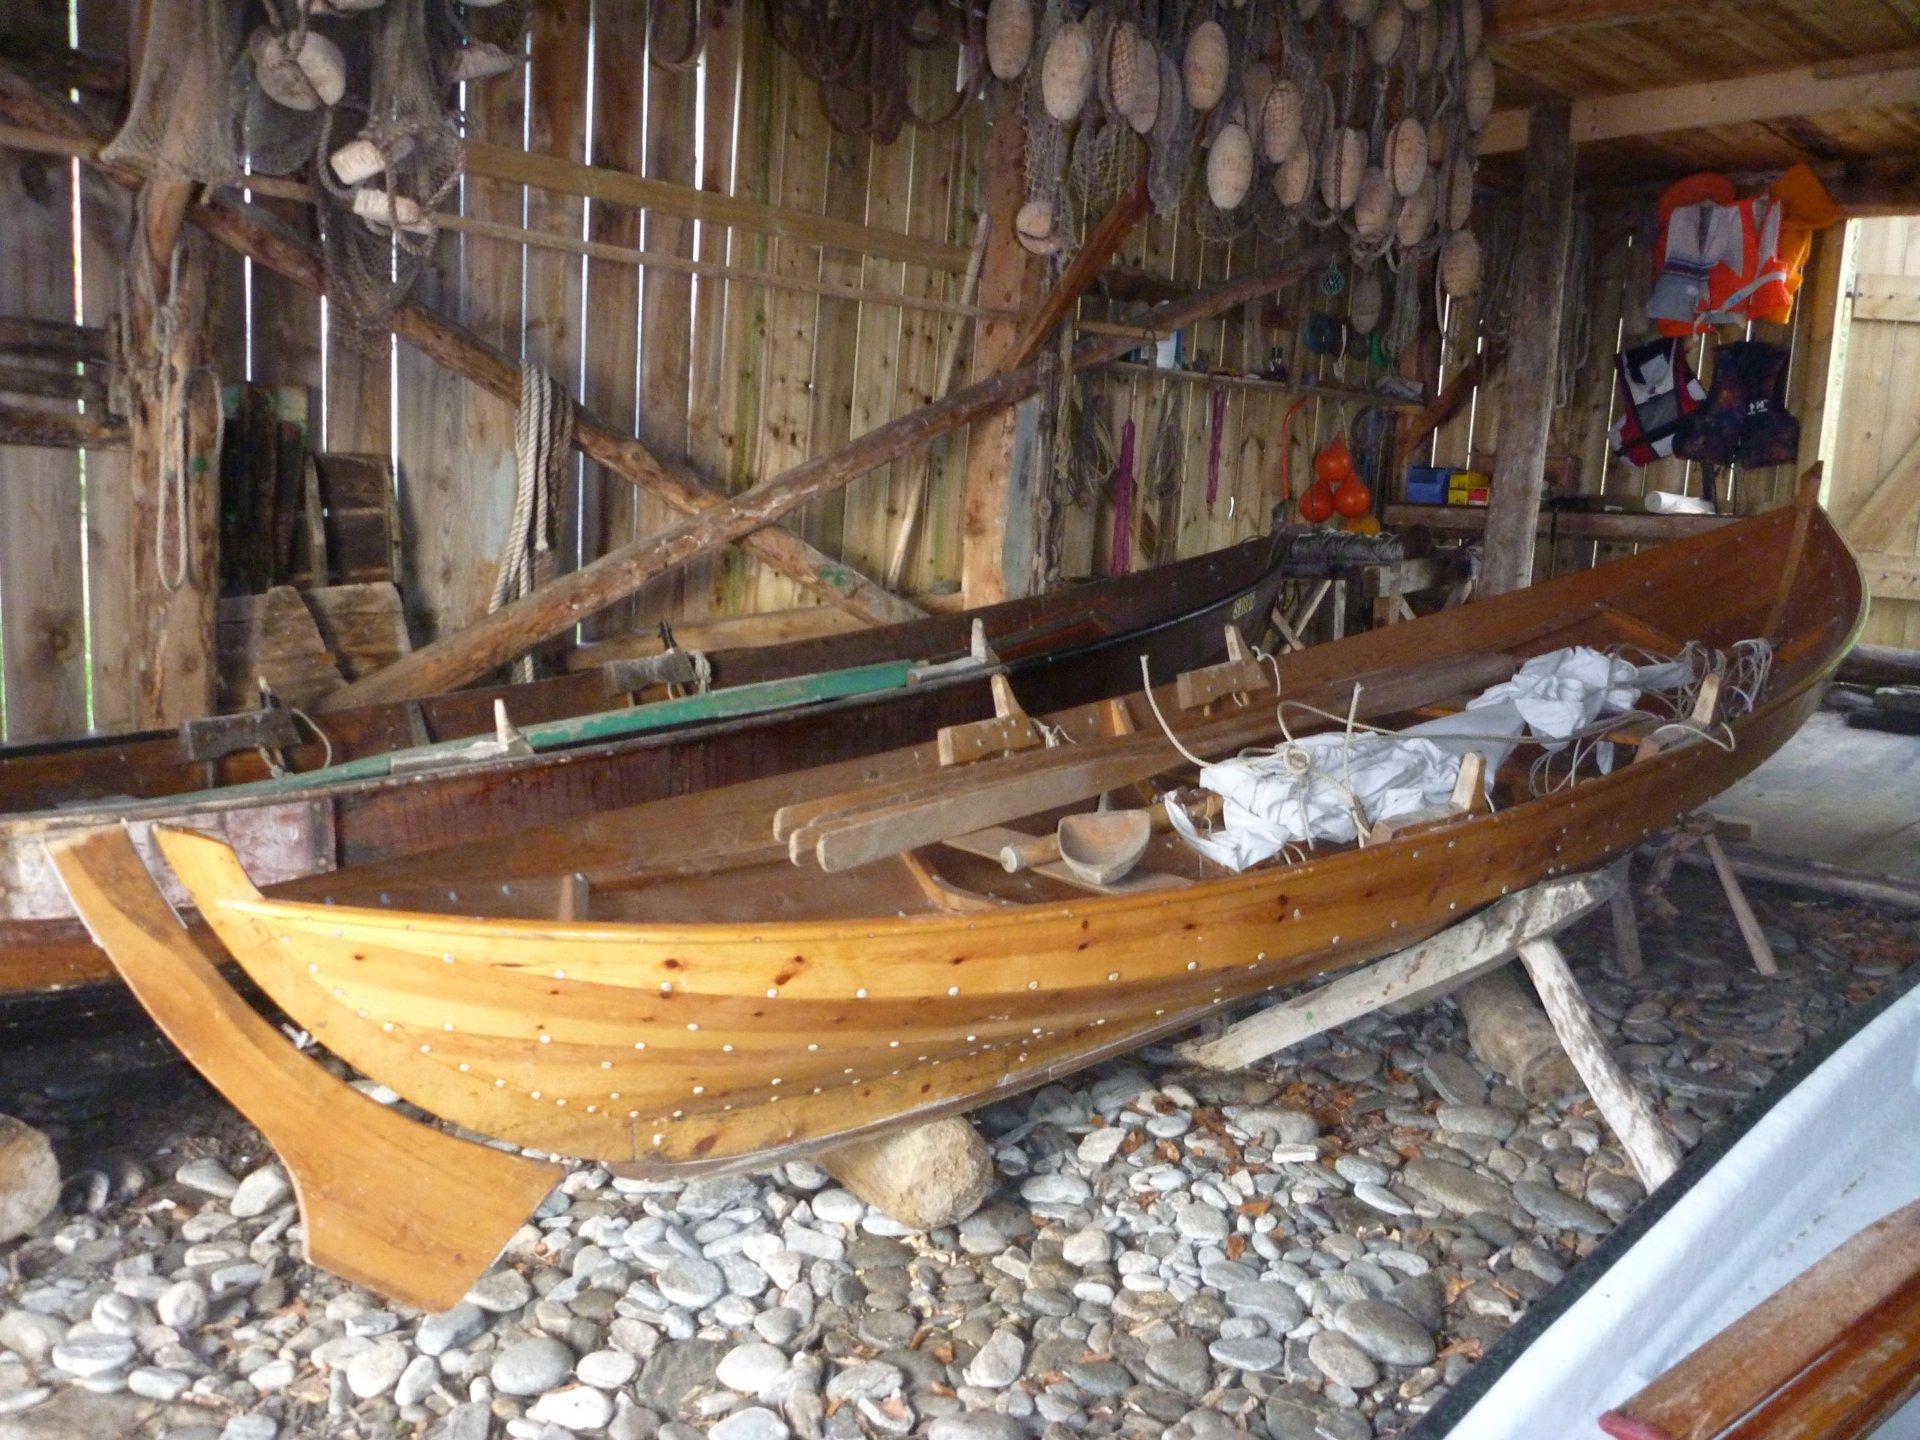 Denne båten er unntatt fra CE-merking siden den er satt sammen med metoder som var anvendt før 1950. Norsk påvirkning på regelverket fikk gjennomslag, gammel båttype nedarvet fra vikingene – de hadde god greie på båt